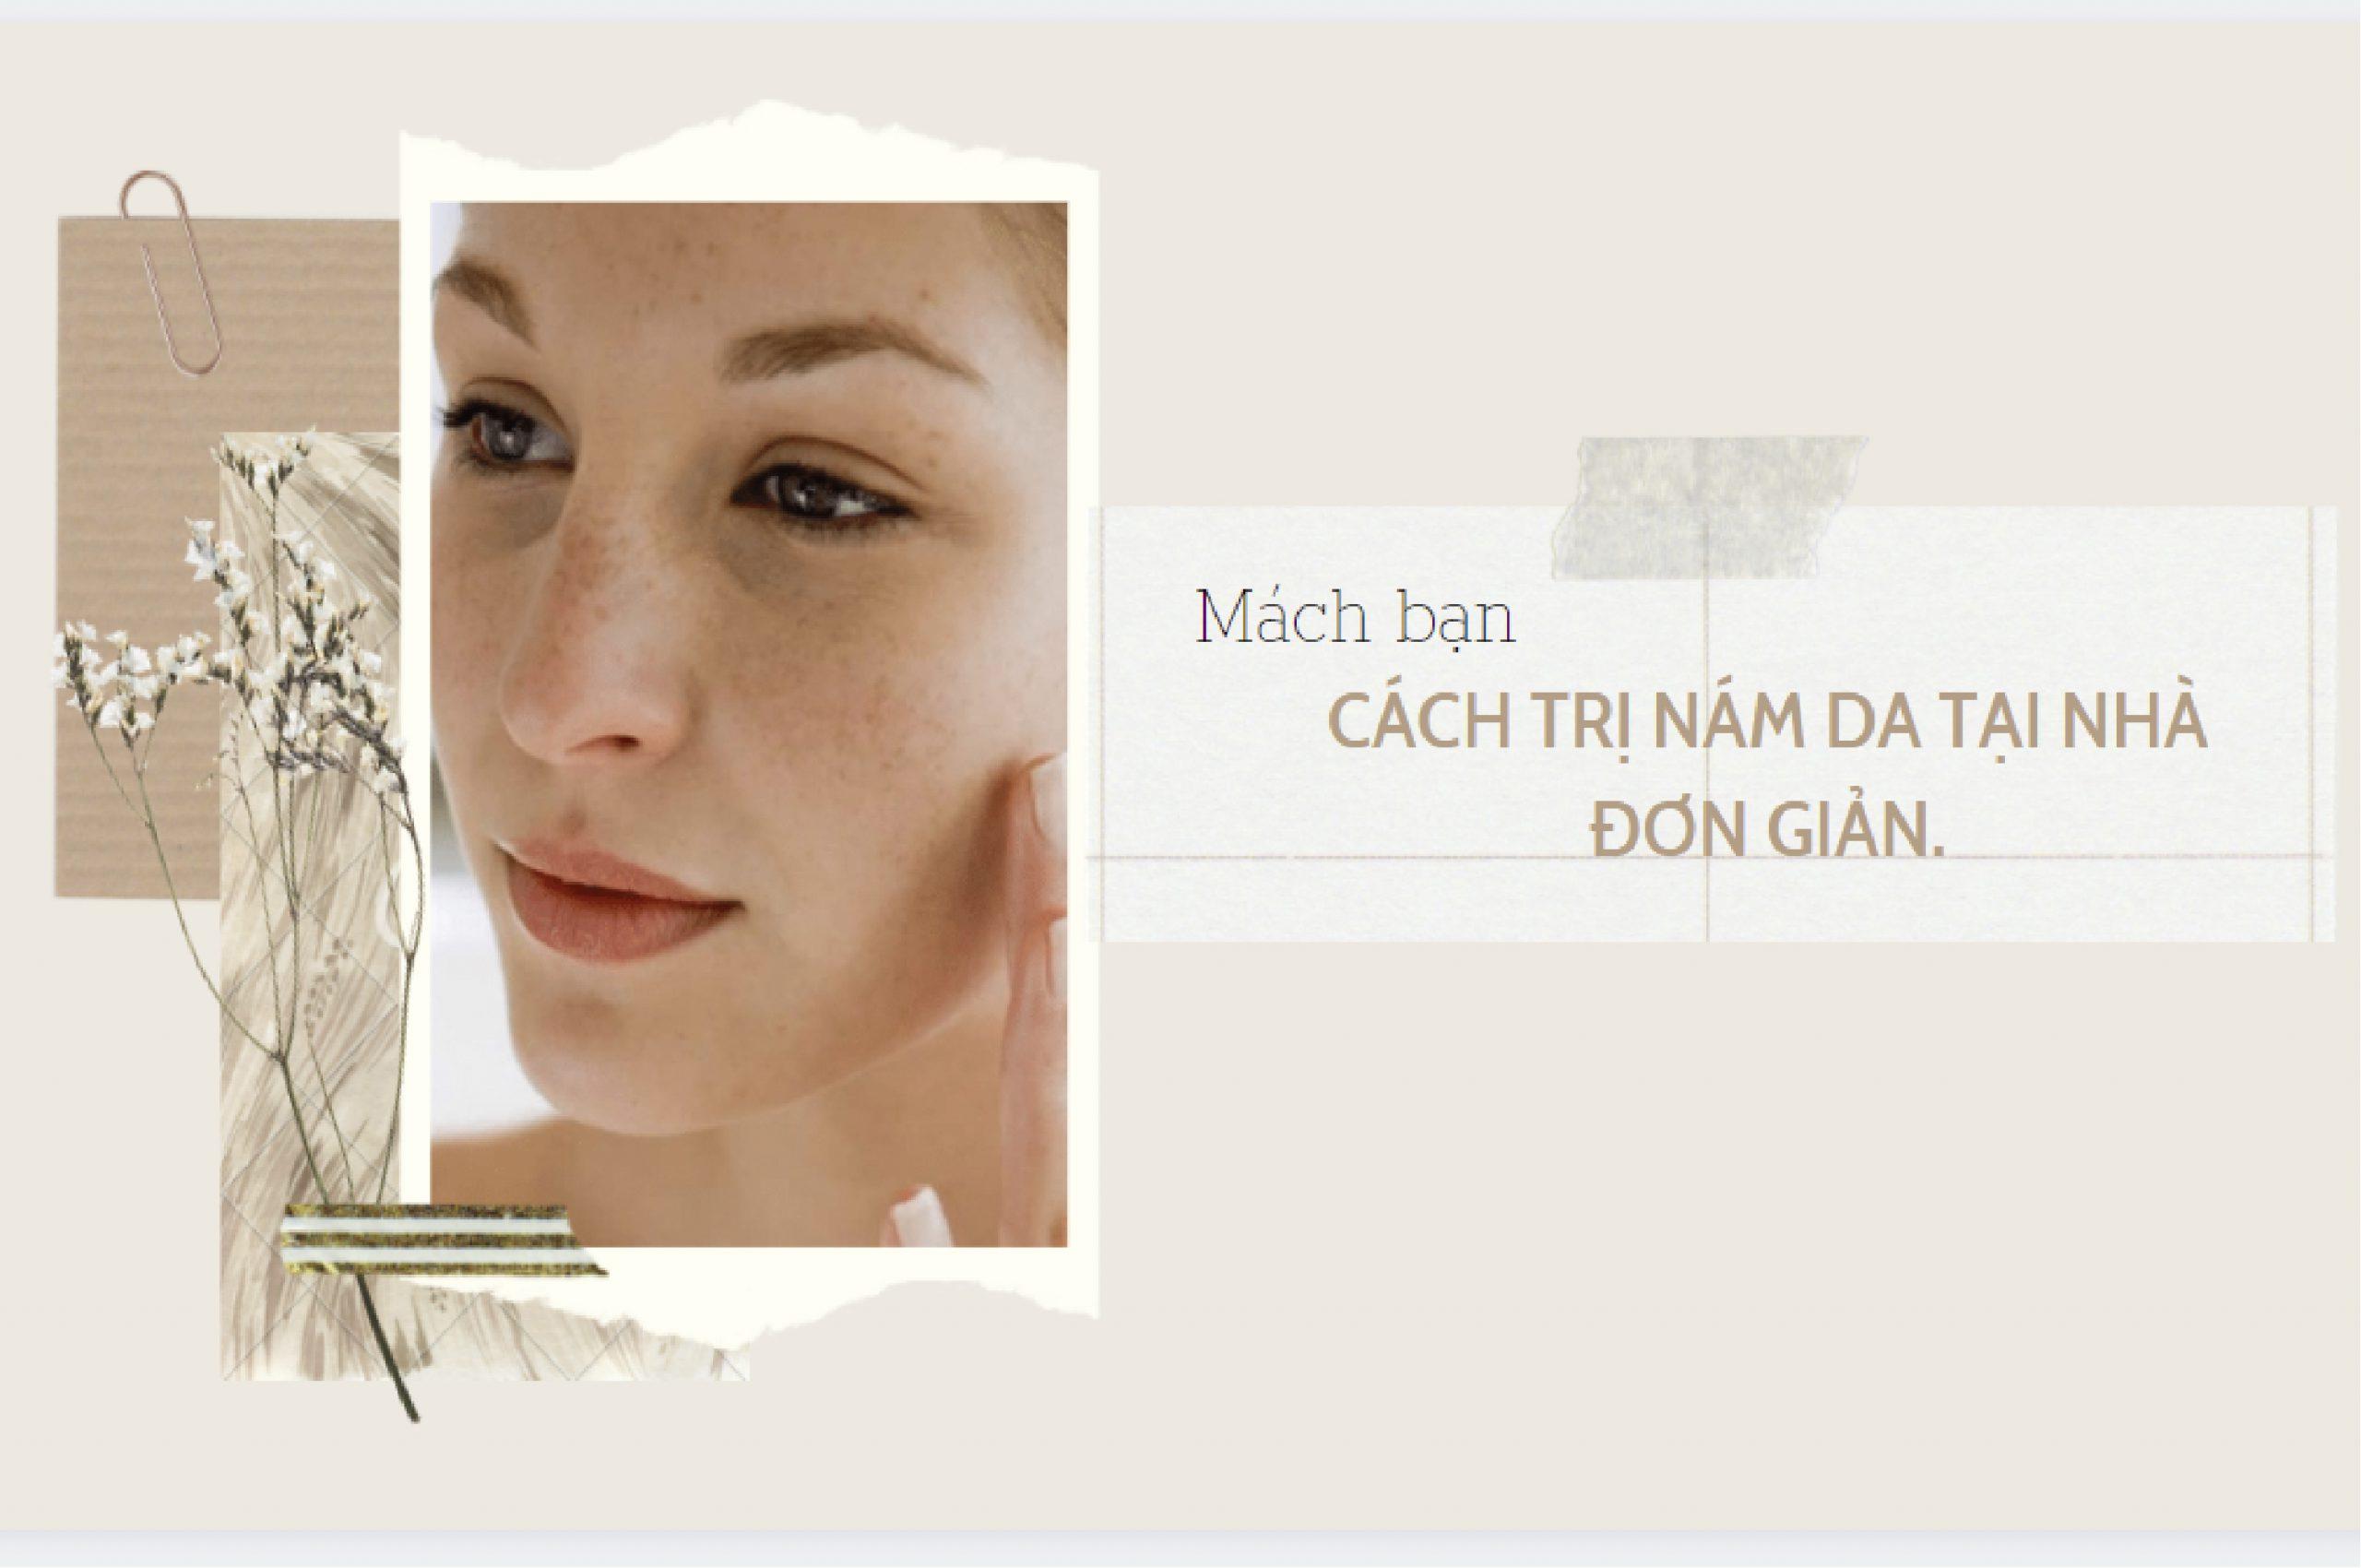 cach-tri-nam-da-tai-nha-don-gian